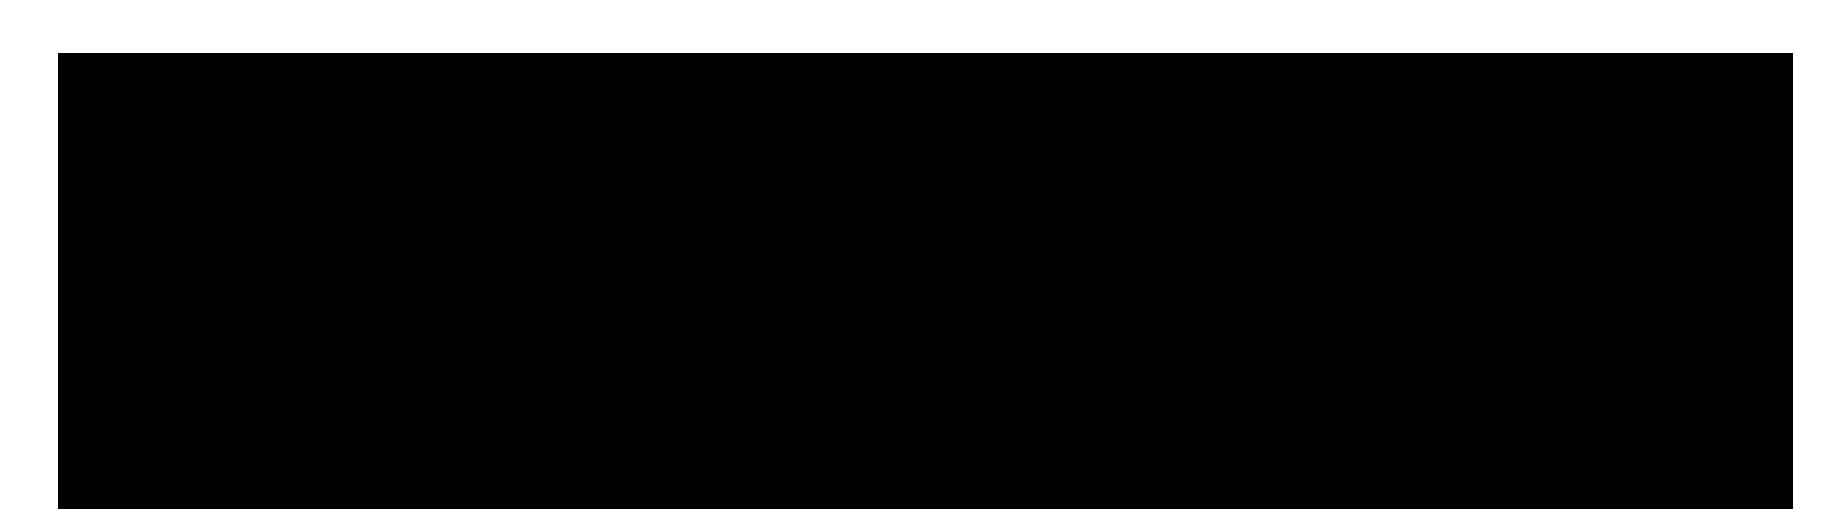 sef-award-title